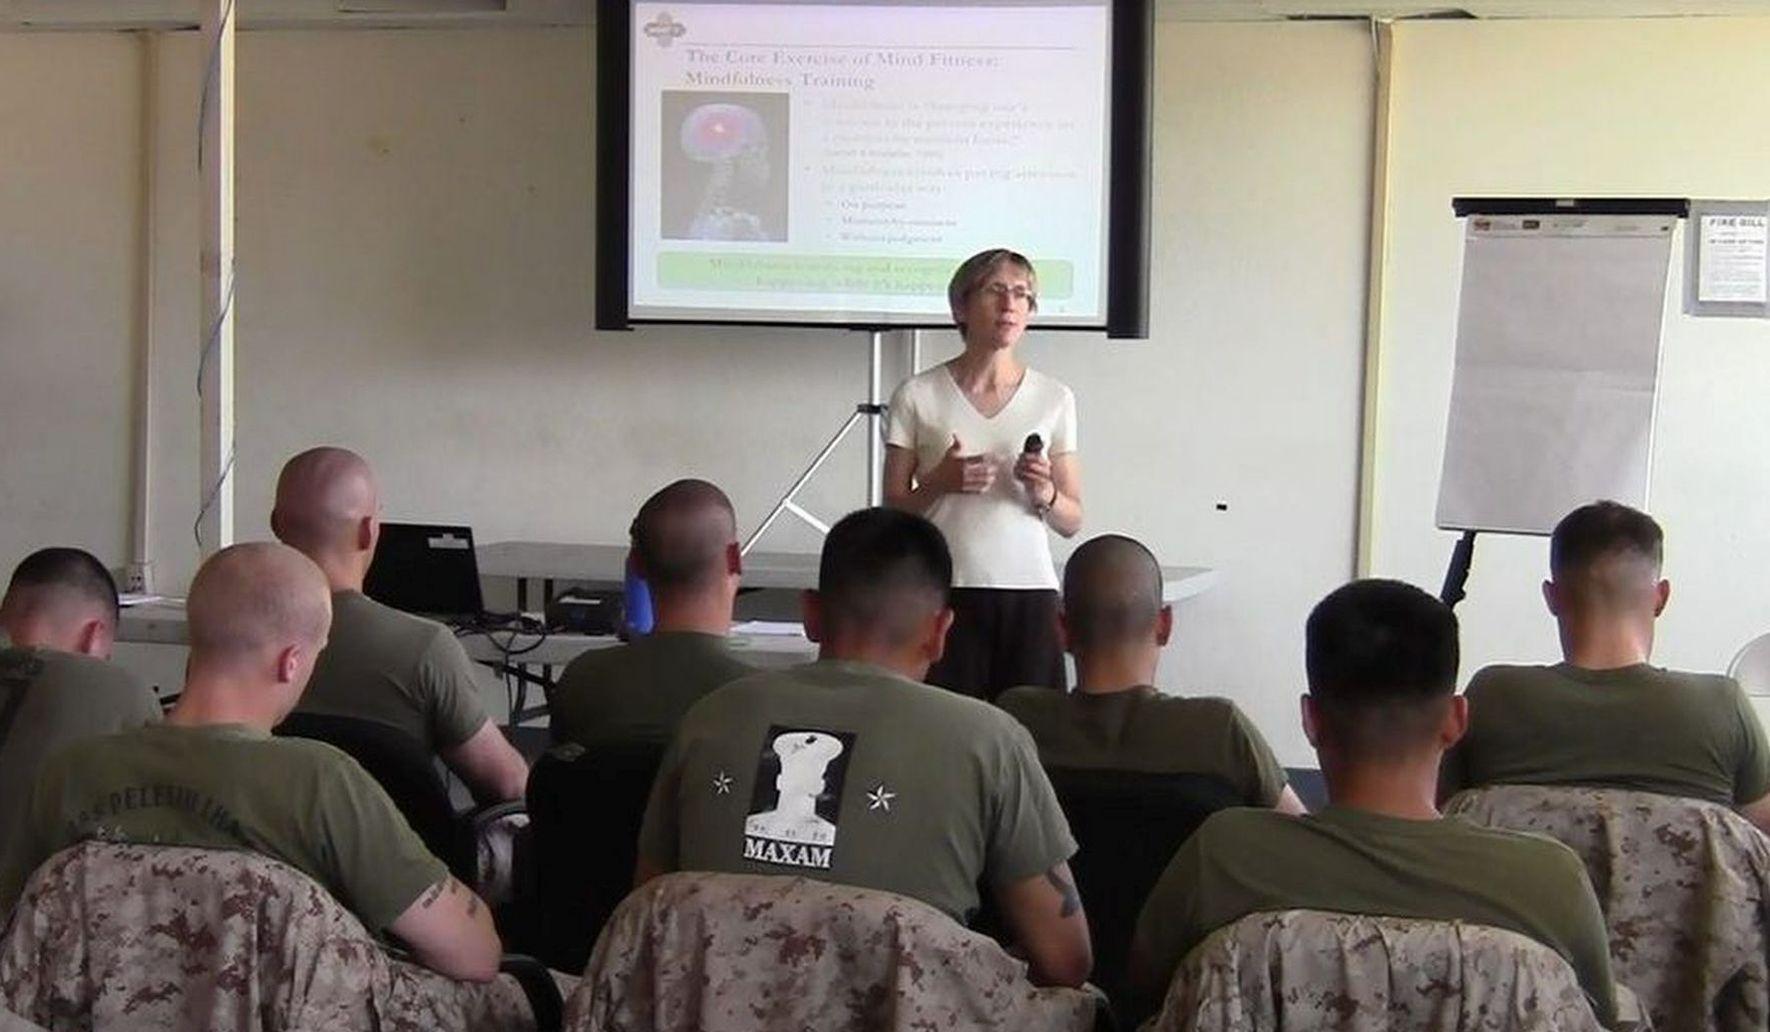 Marines expanding use of meditation training - Washington Times